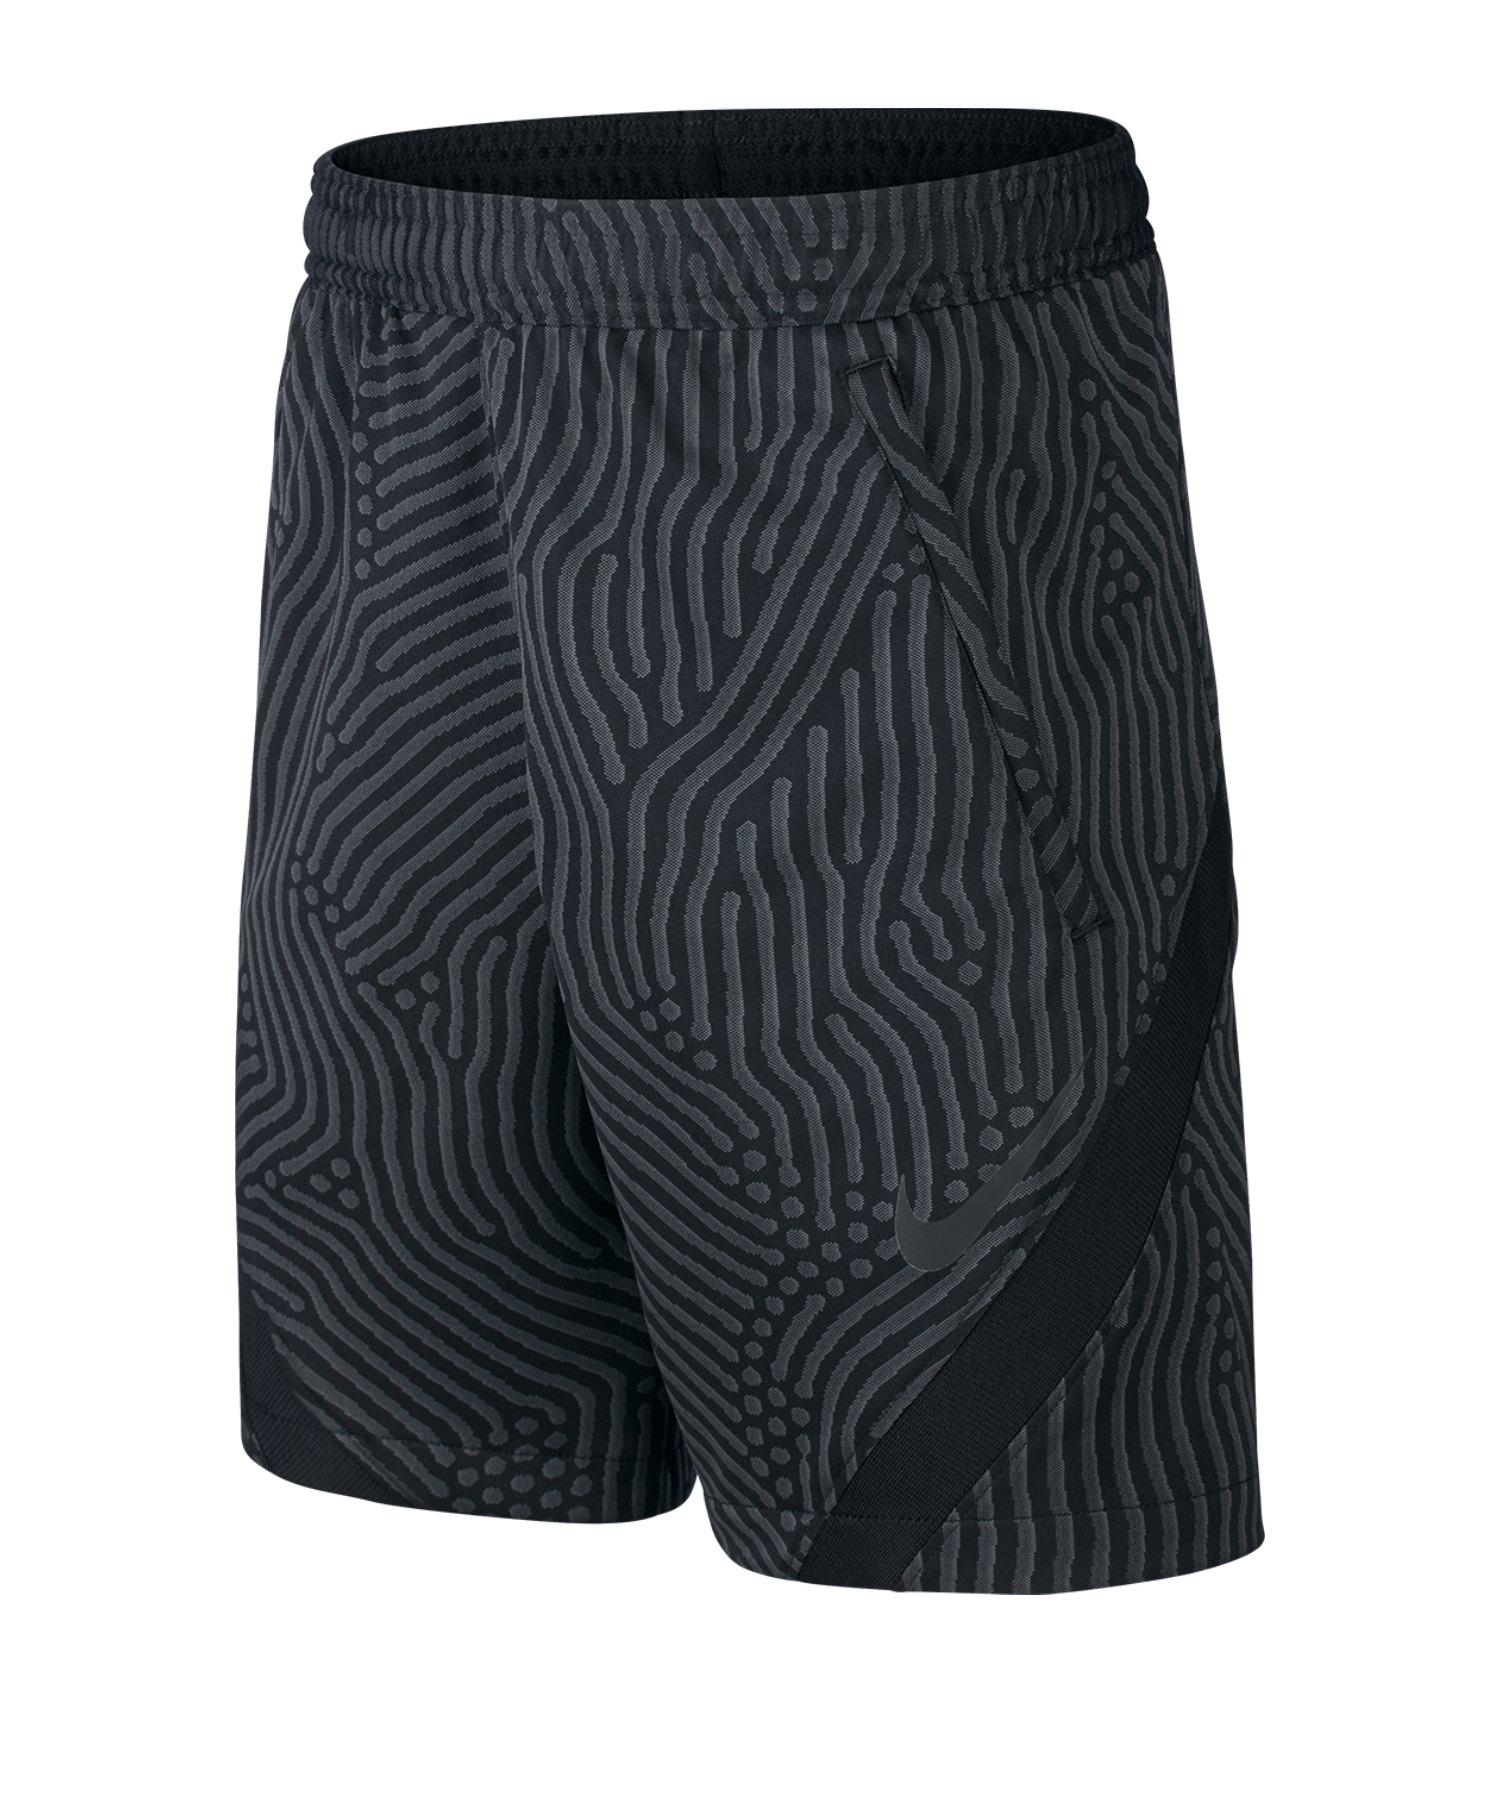 Nike Dri-FIT Strike Shorts Kids Schwarz F010 - schwarz